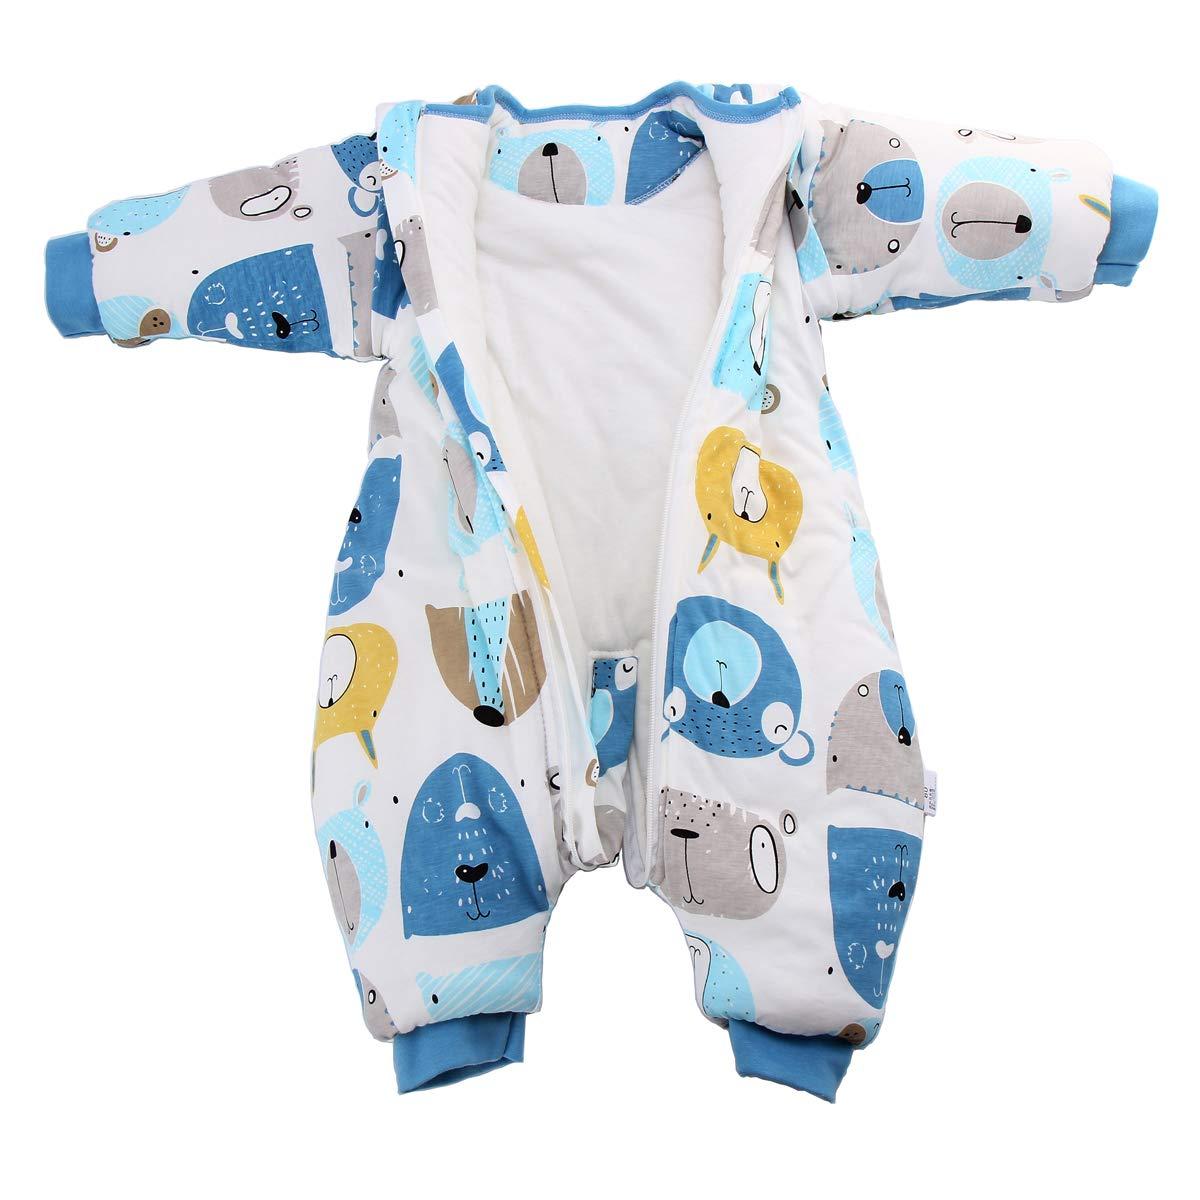 Amazon.com: MIKAFEN - Saco de dormir para bebé con piernas ...